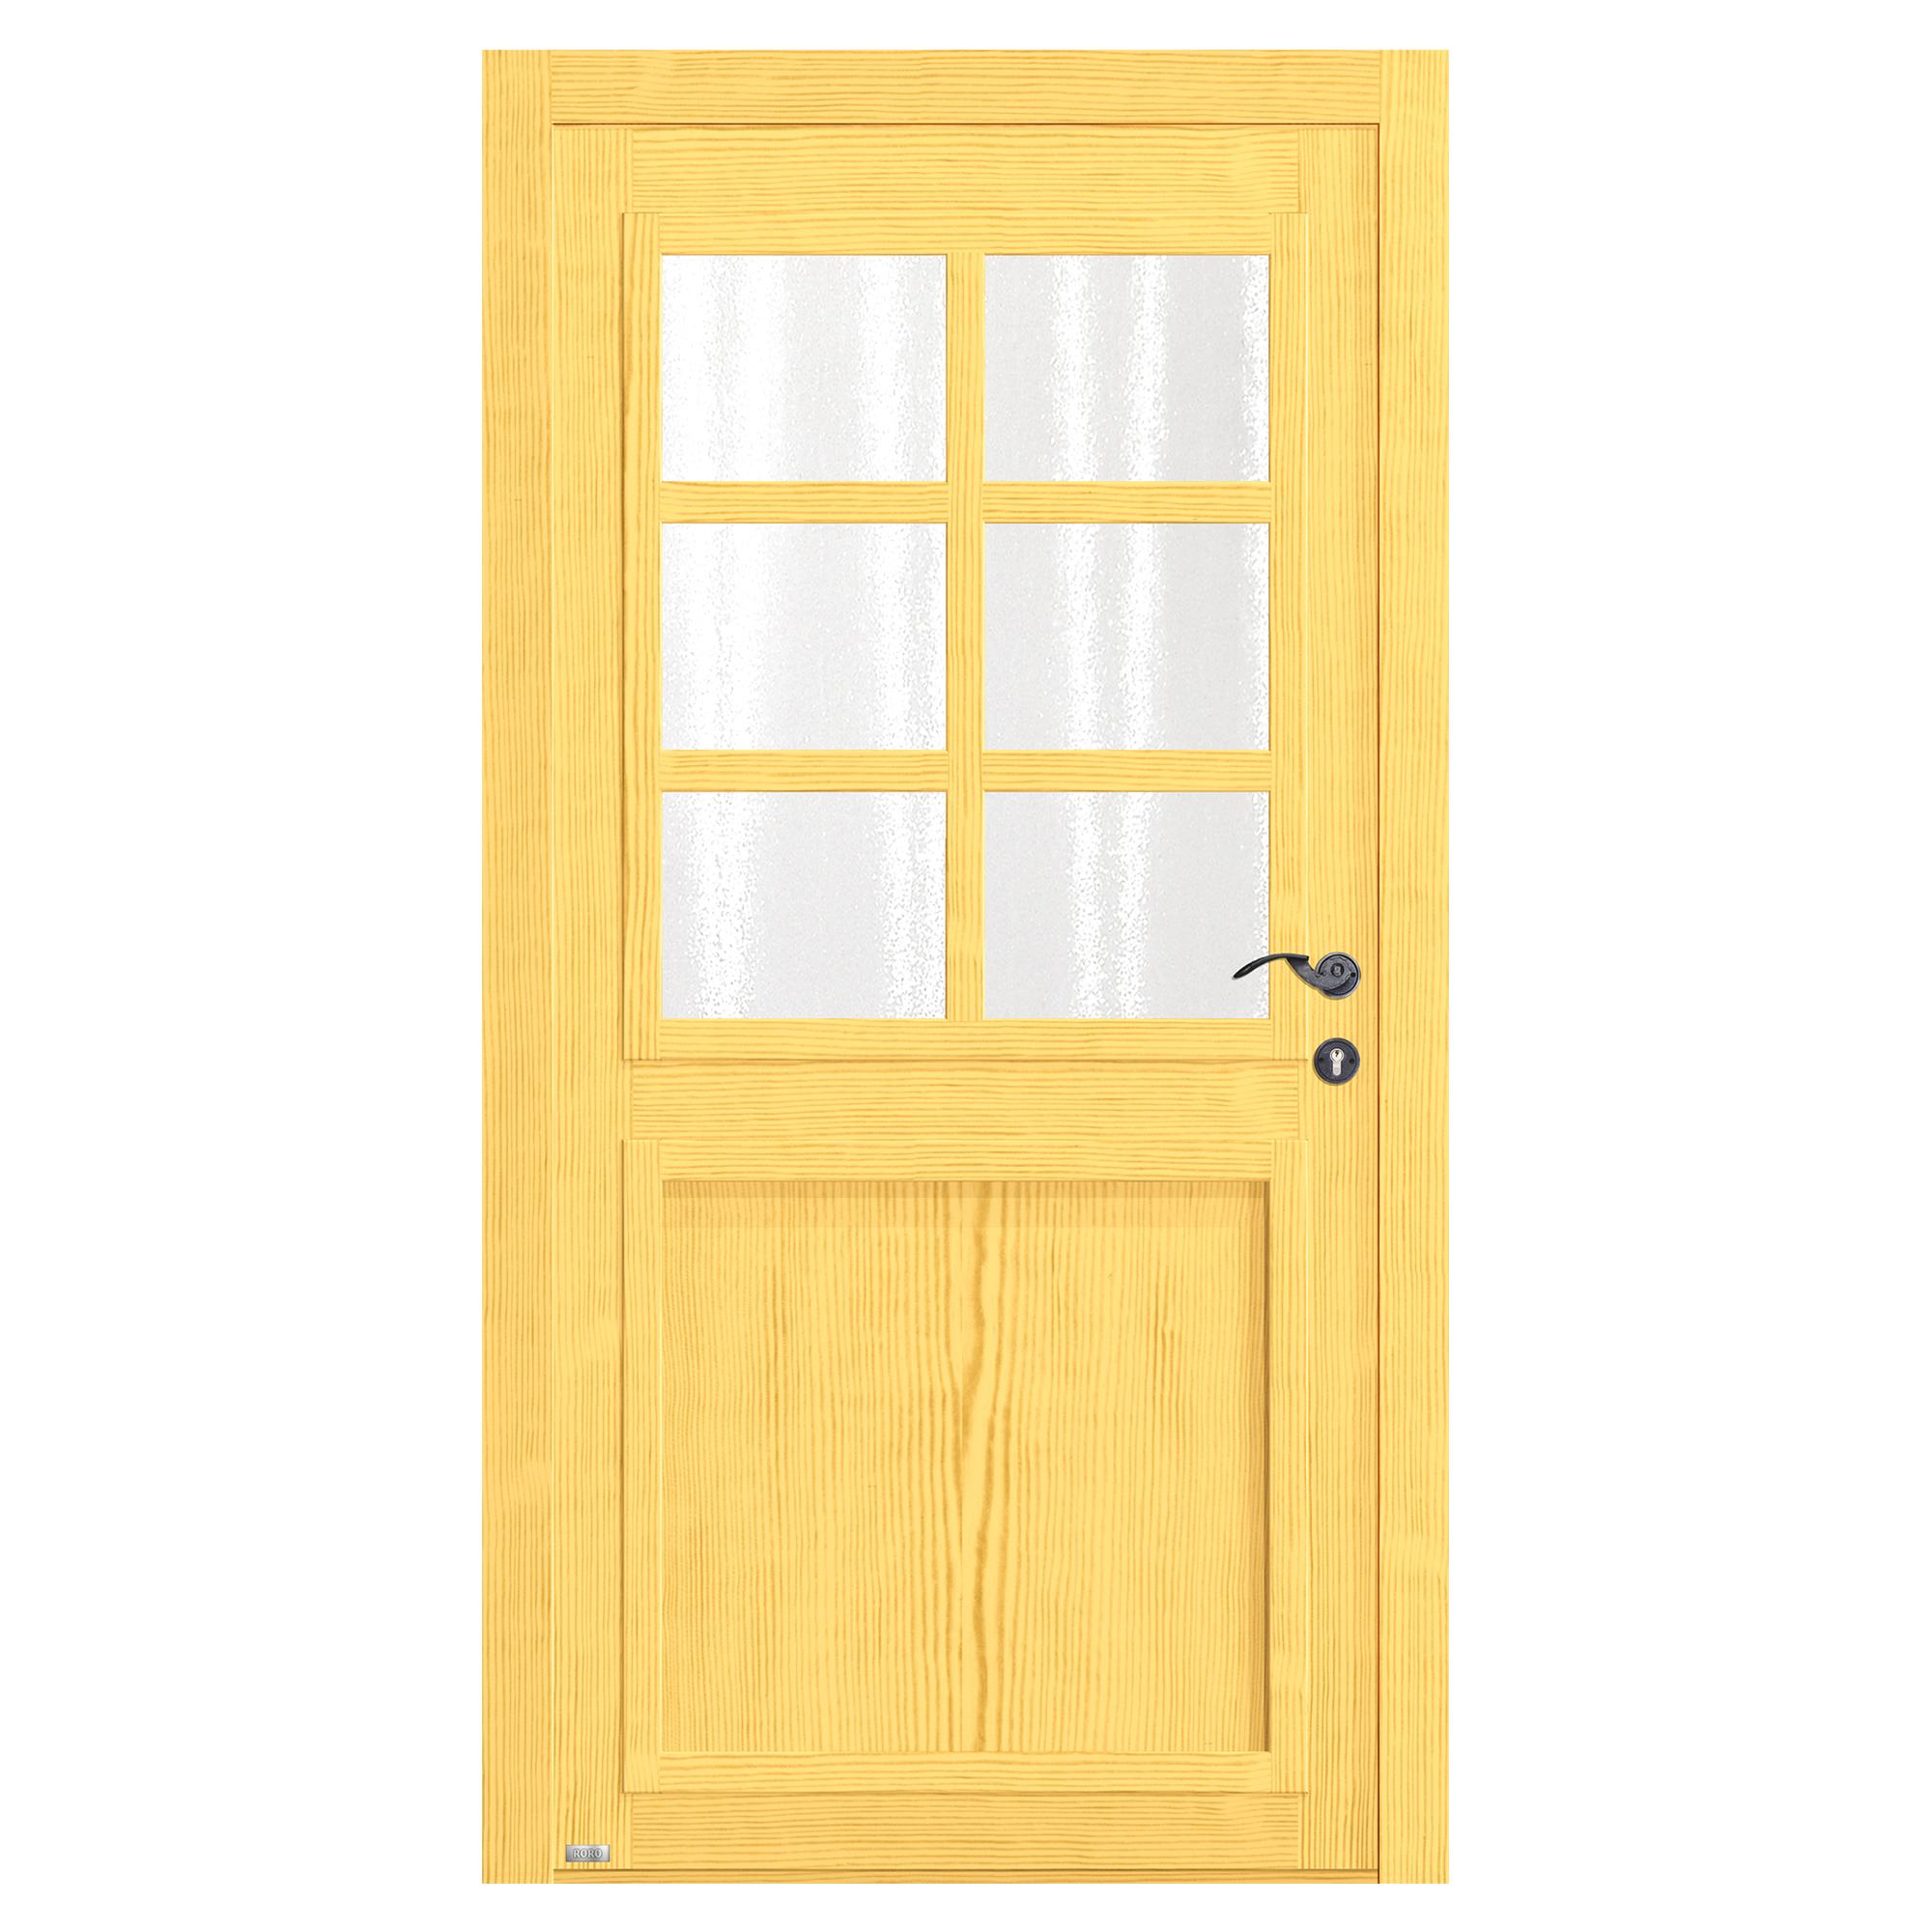 Nebeneingangstür mit zarge  Nebeneingangstüren - toom Baumarkt